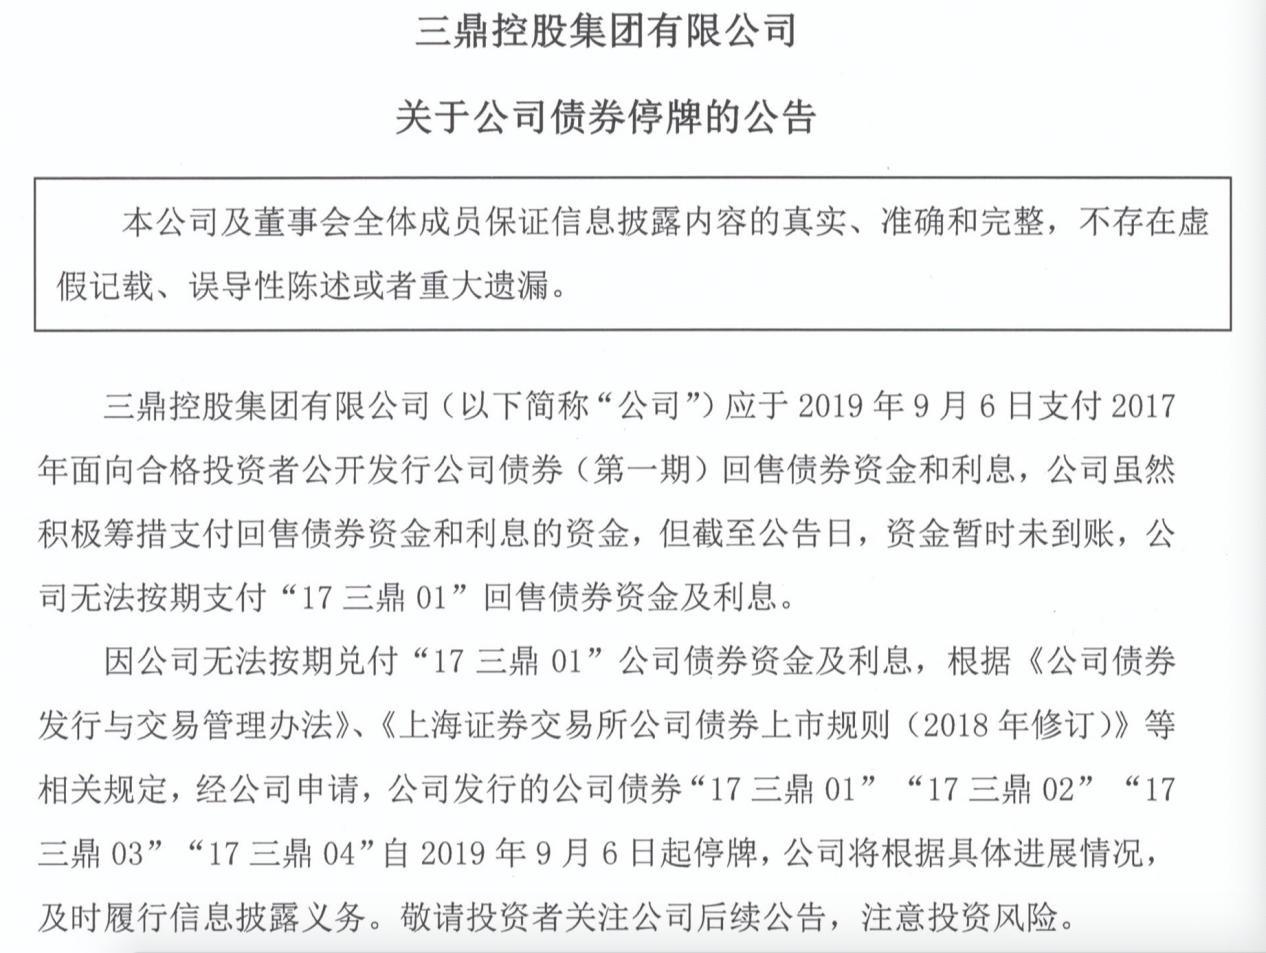 华为孟晚舟现身 引渡案进入实质性审理阶段